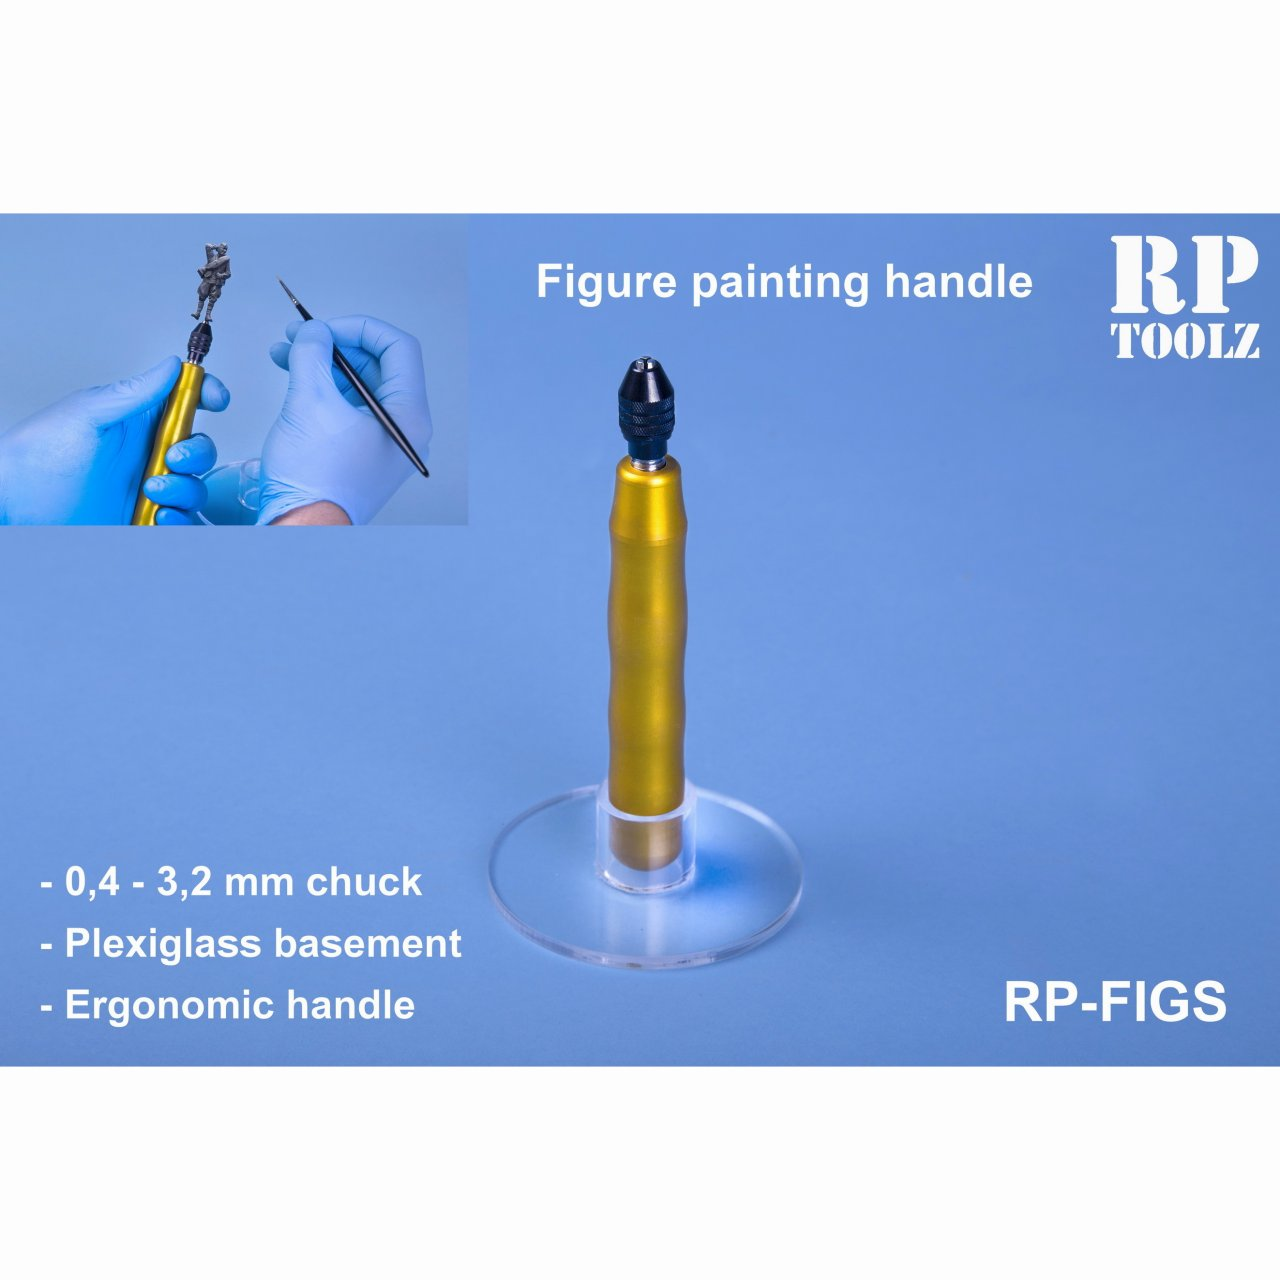 【新製品】RP-FIGS フィギュアペインティングハンドル スタンド付